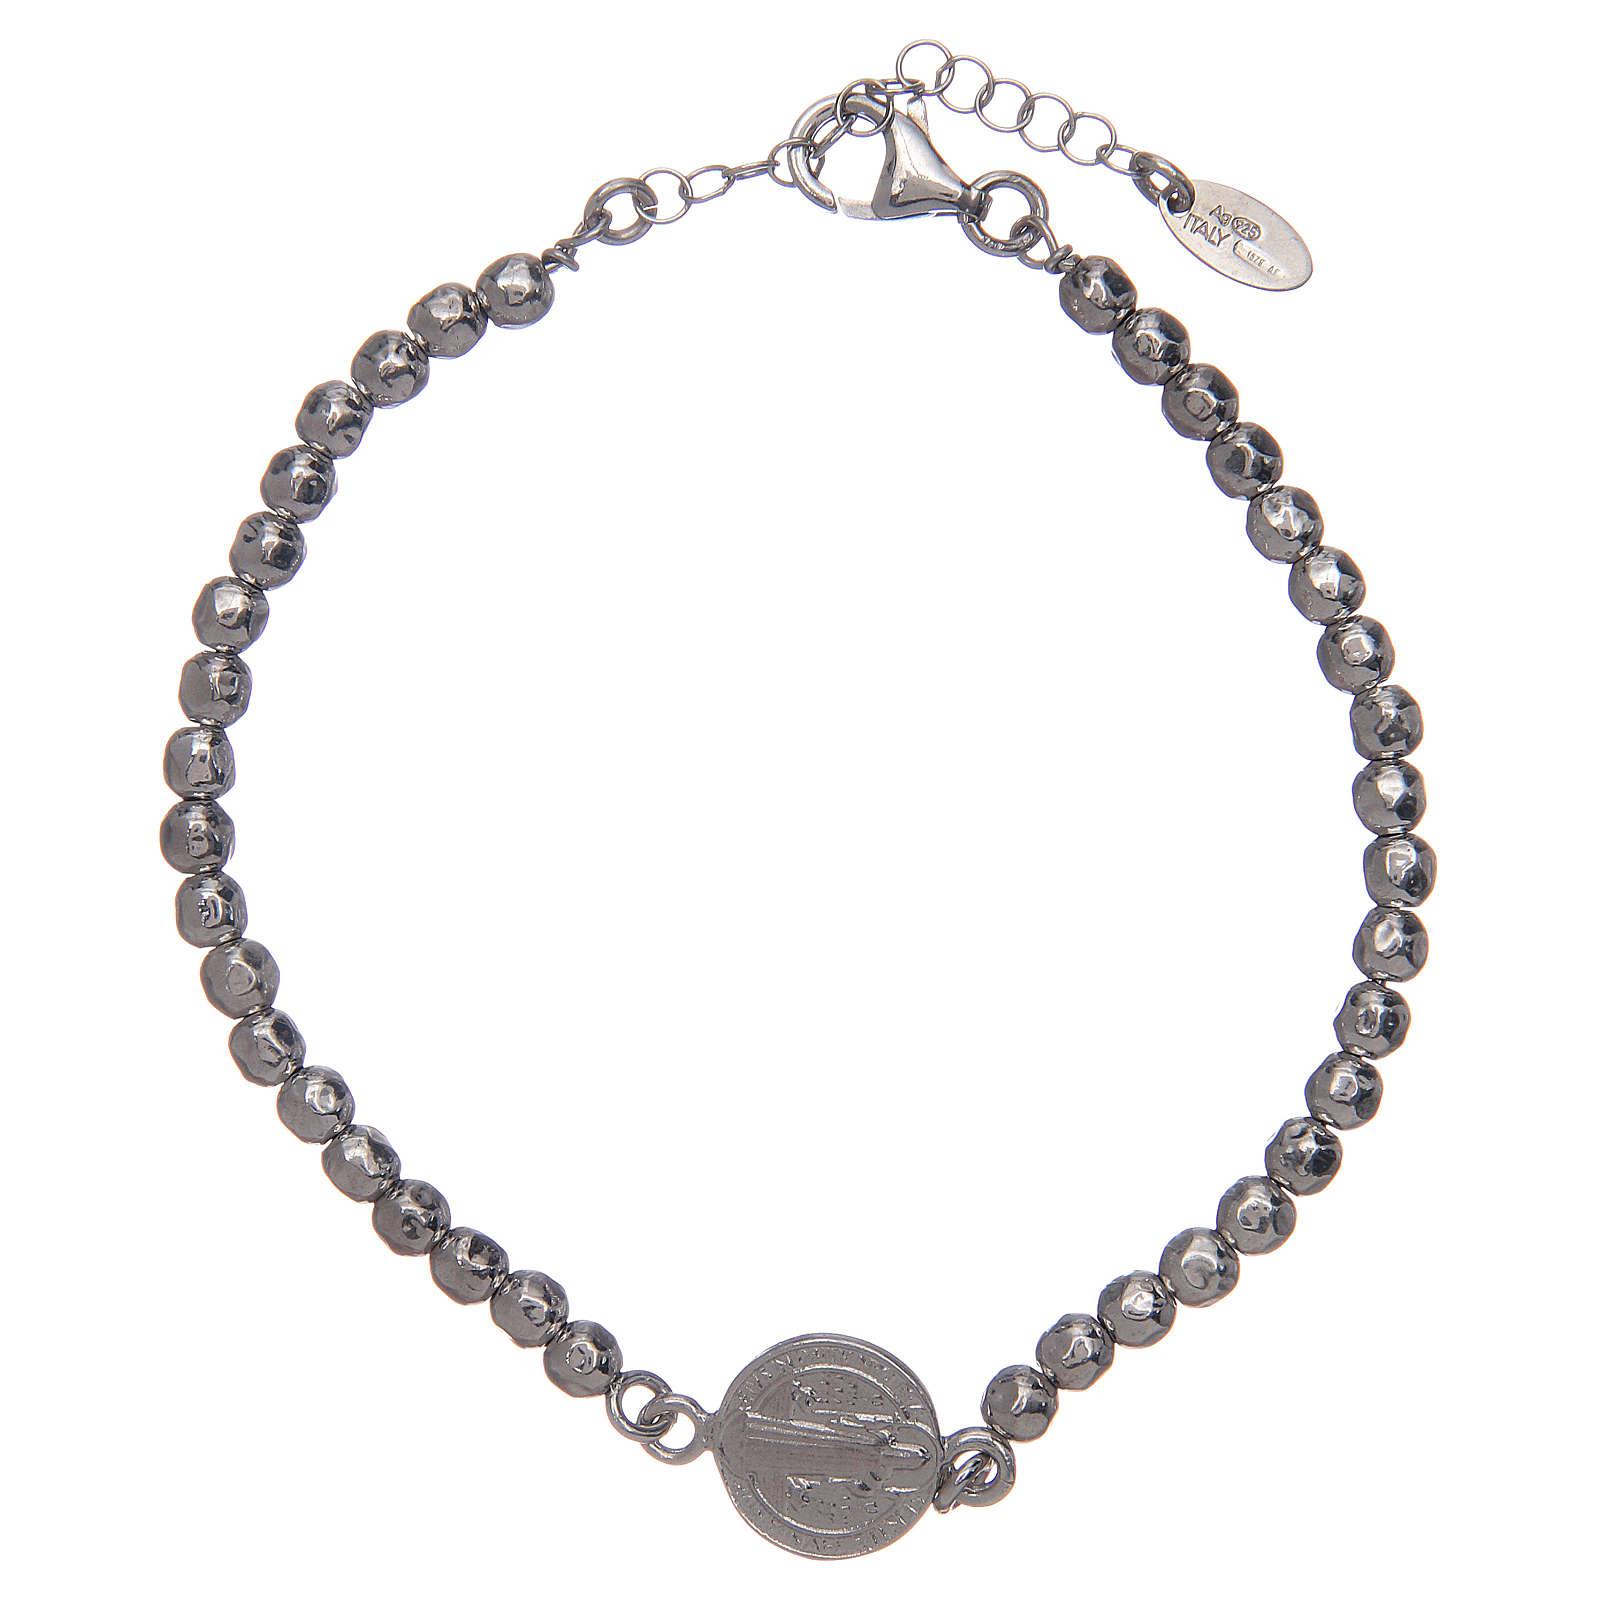 Saint Benedict men's bracelet in silver 4